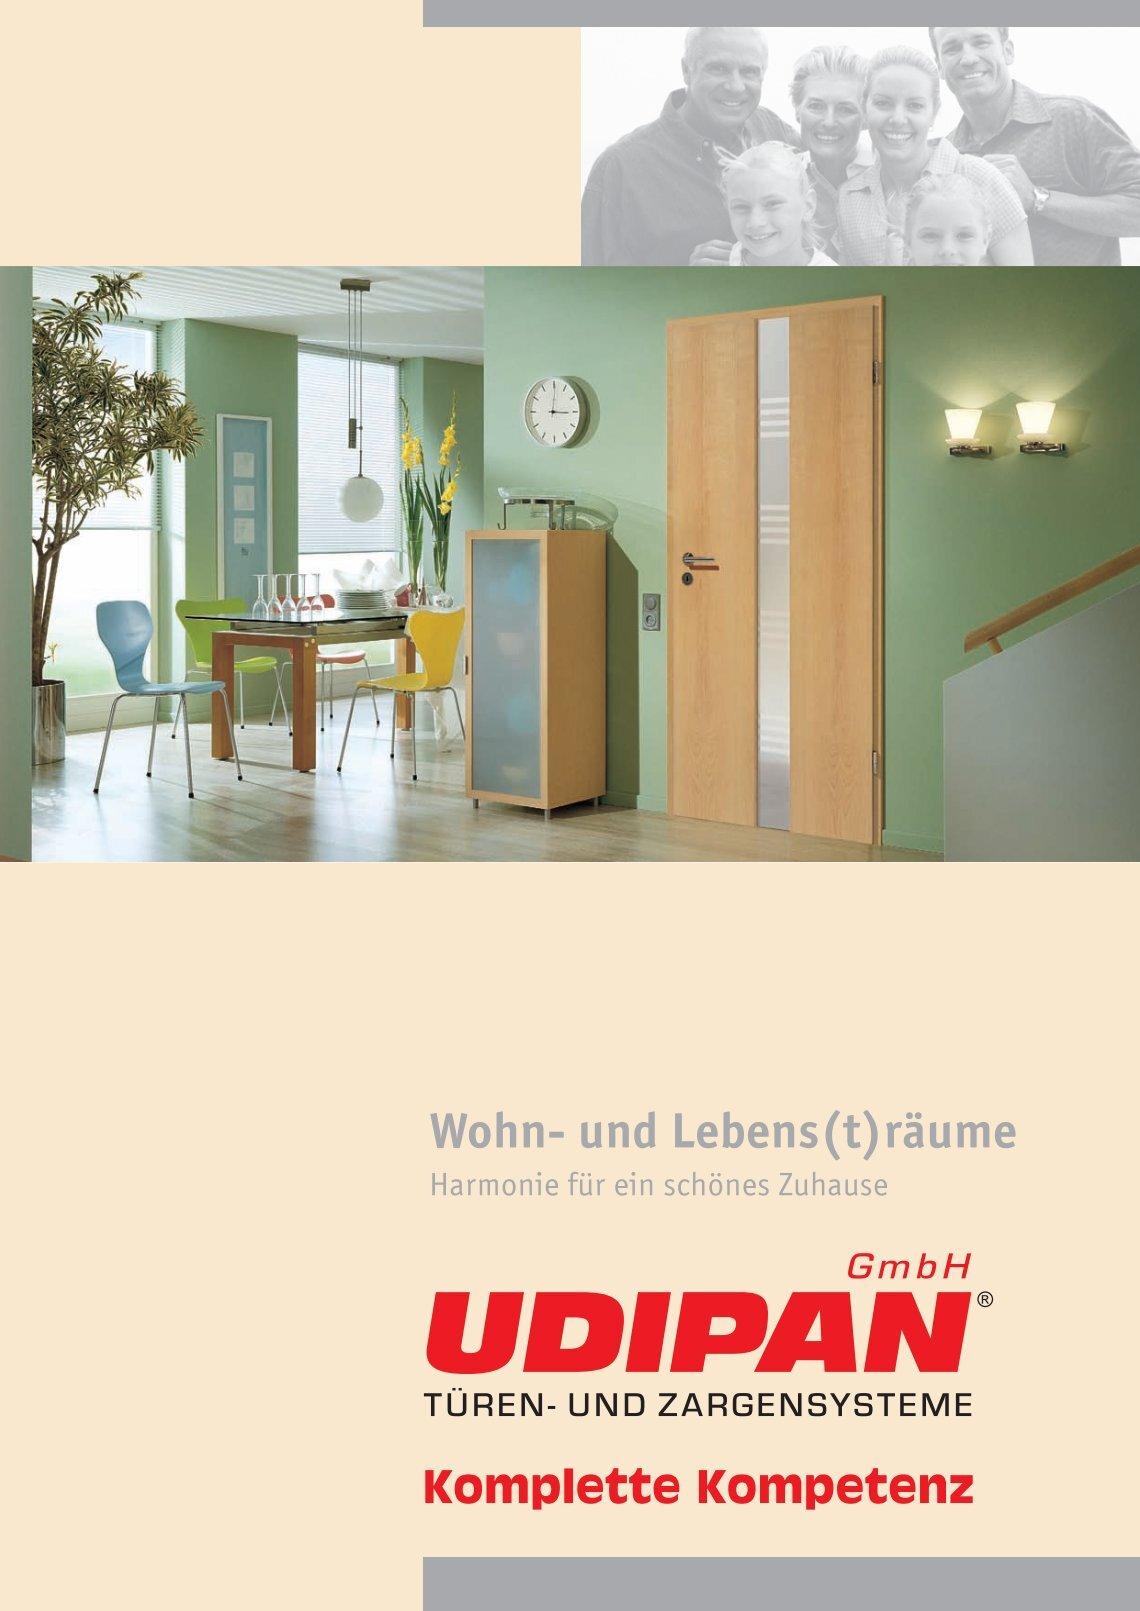 Ungewöhnlich Wohn Türen Und Zargen Bilder - Benutzerdefinierte ...